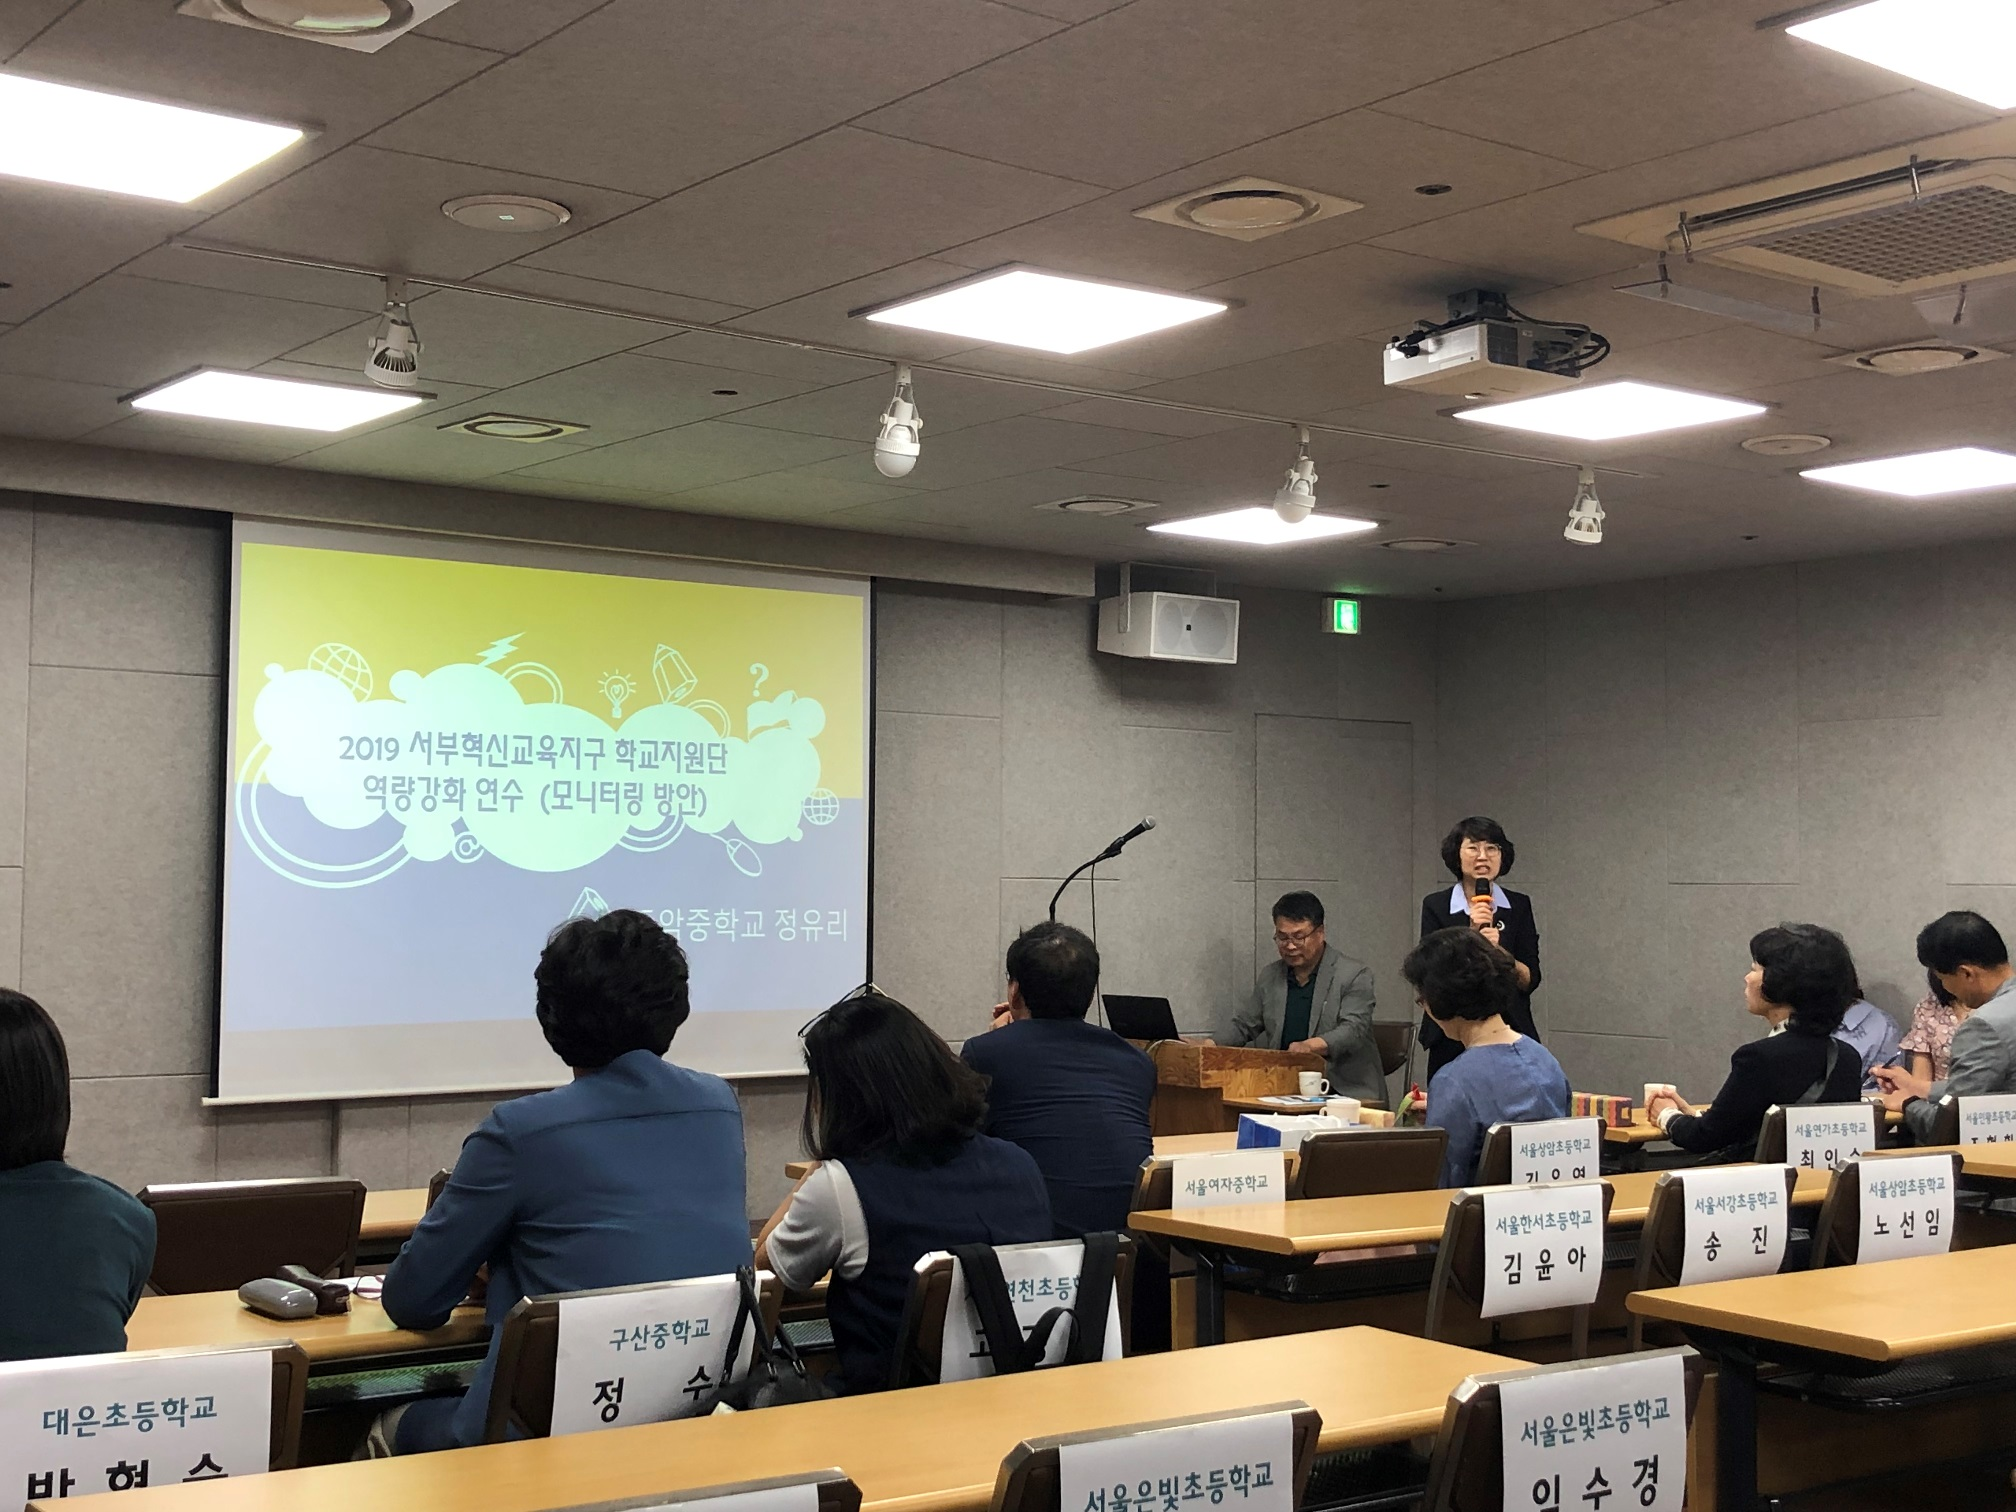 2019 마포혁신교육지구 교사위원회 6월 정기회